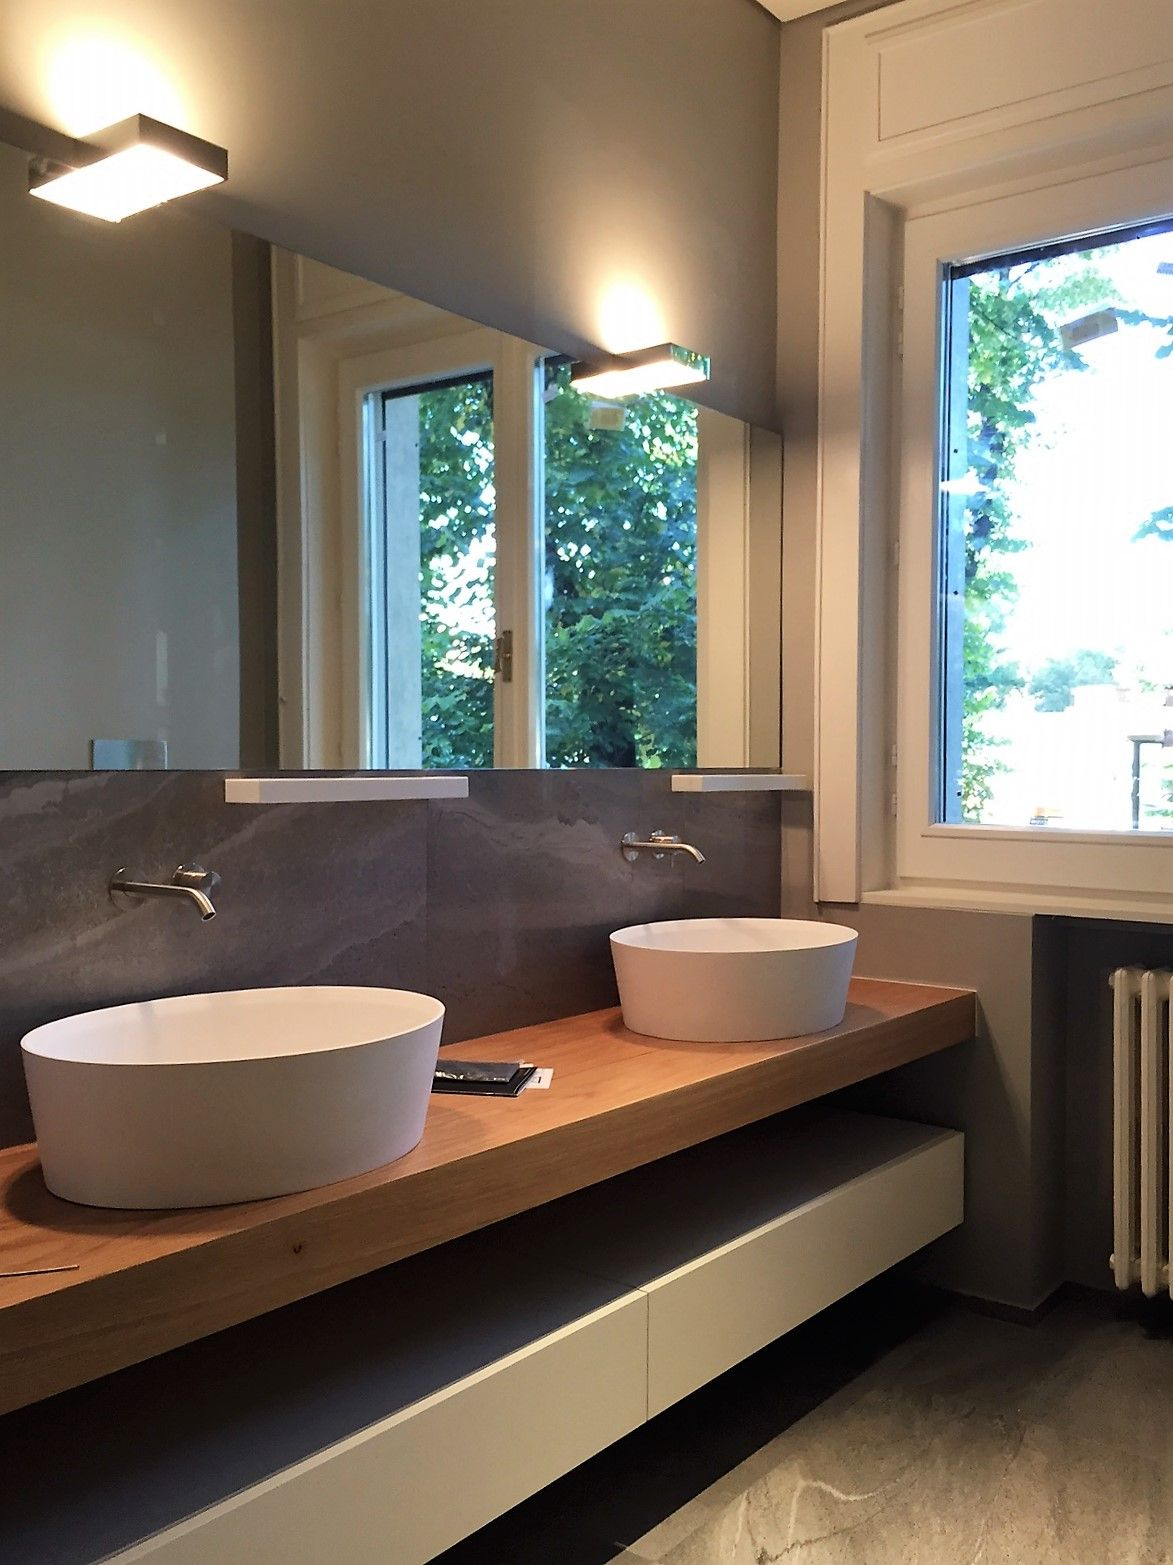 bagno con piano in legno e doppio lavabo in corian